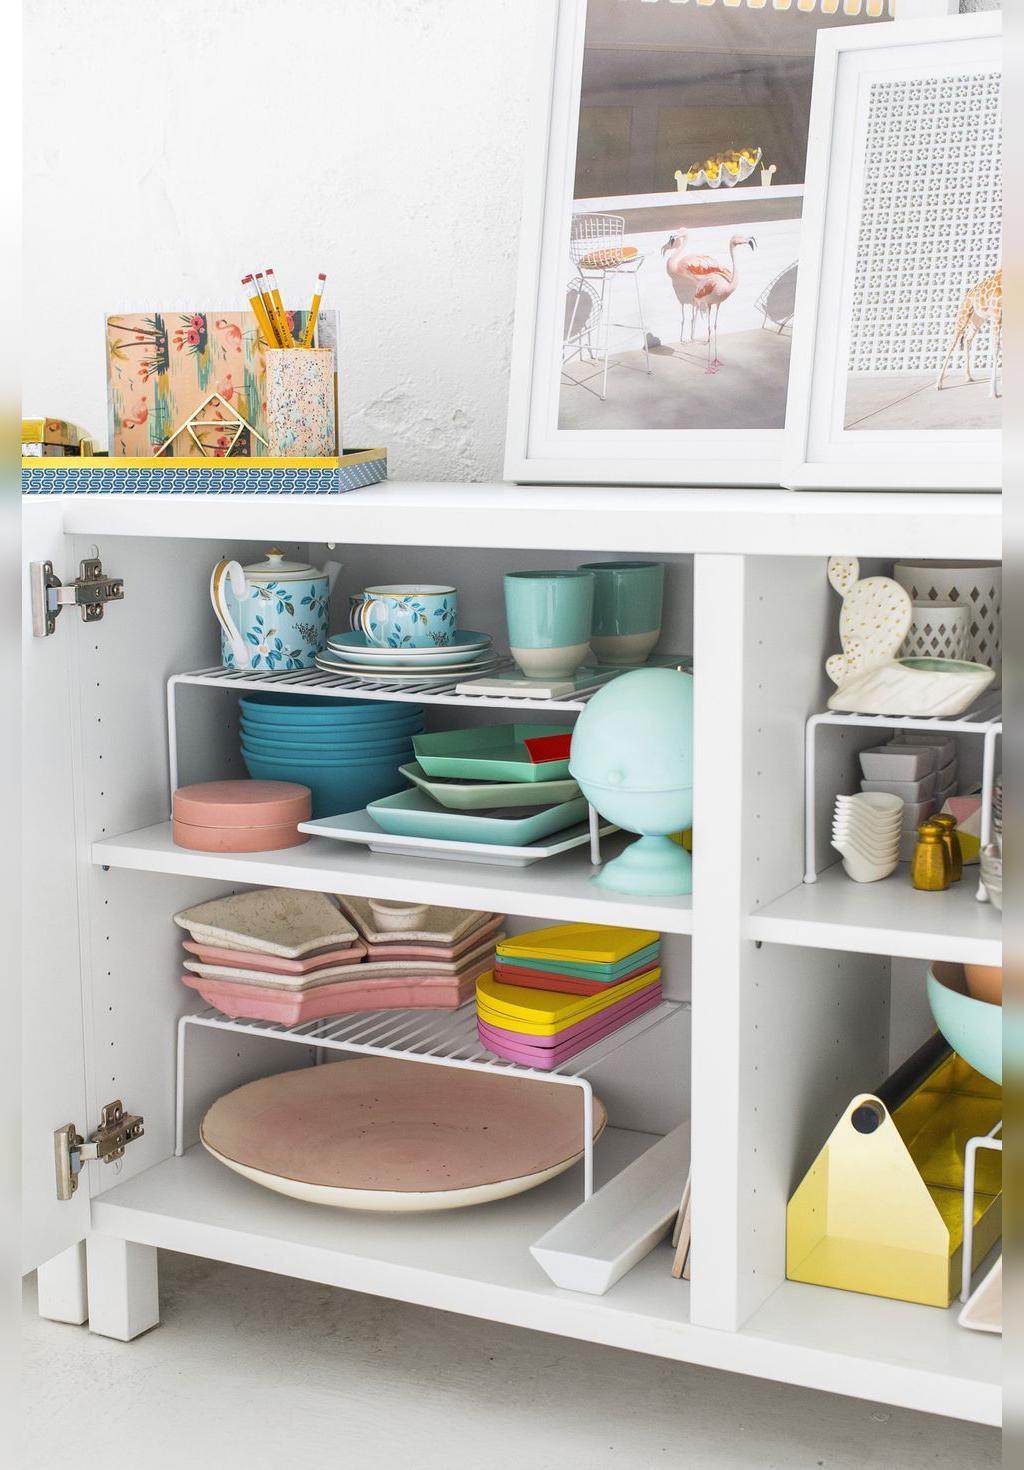 استفاده بهینه از فضای آشپزخانه های کوچک